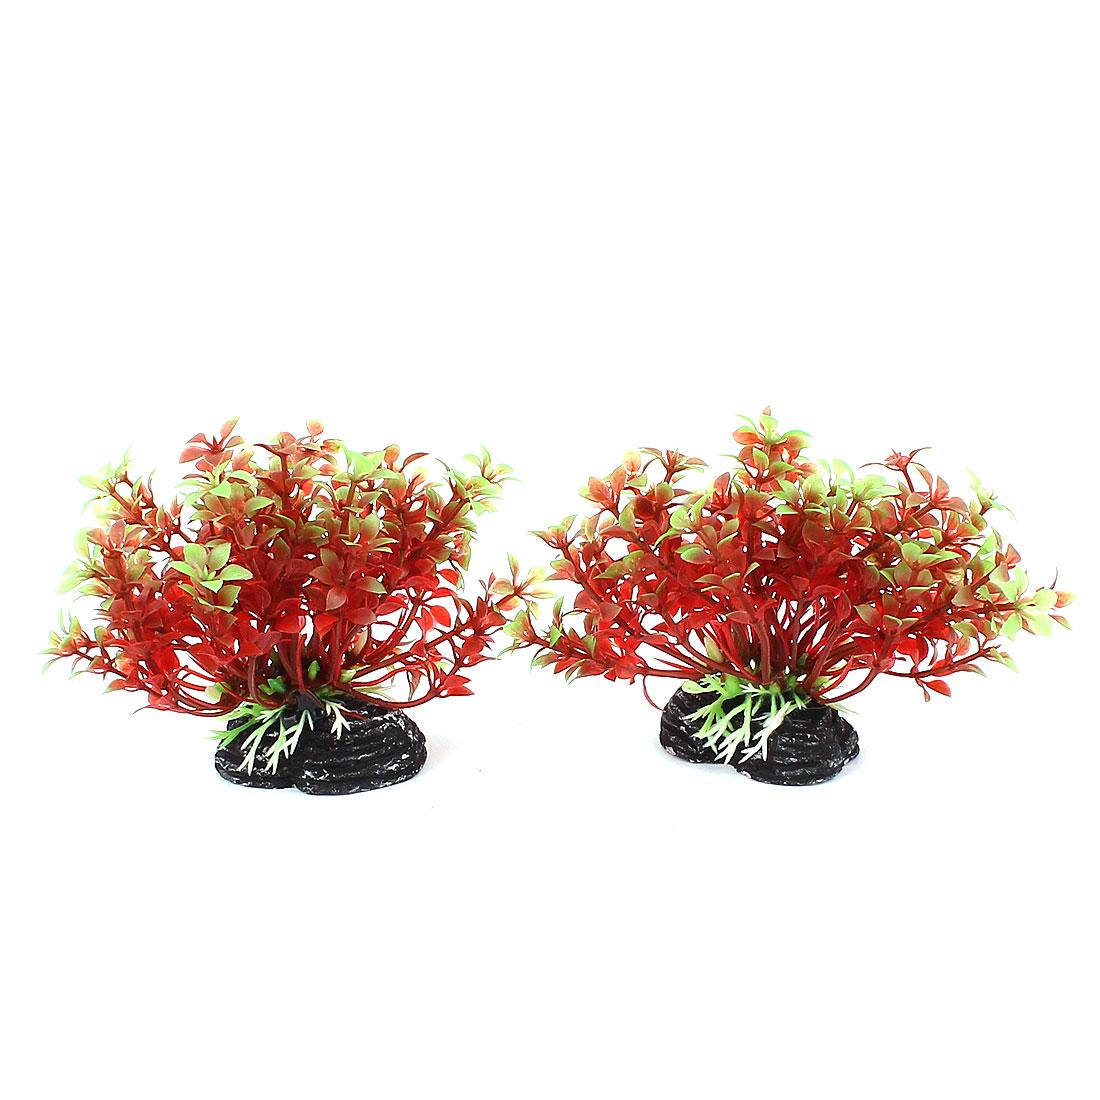 Aquarium Artificial Flower Grass Plants Fish Tank Ornaments 2pcs